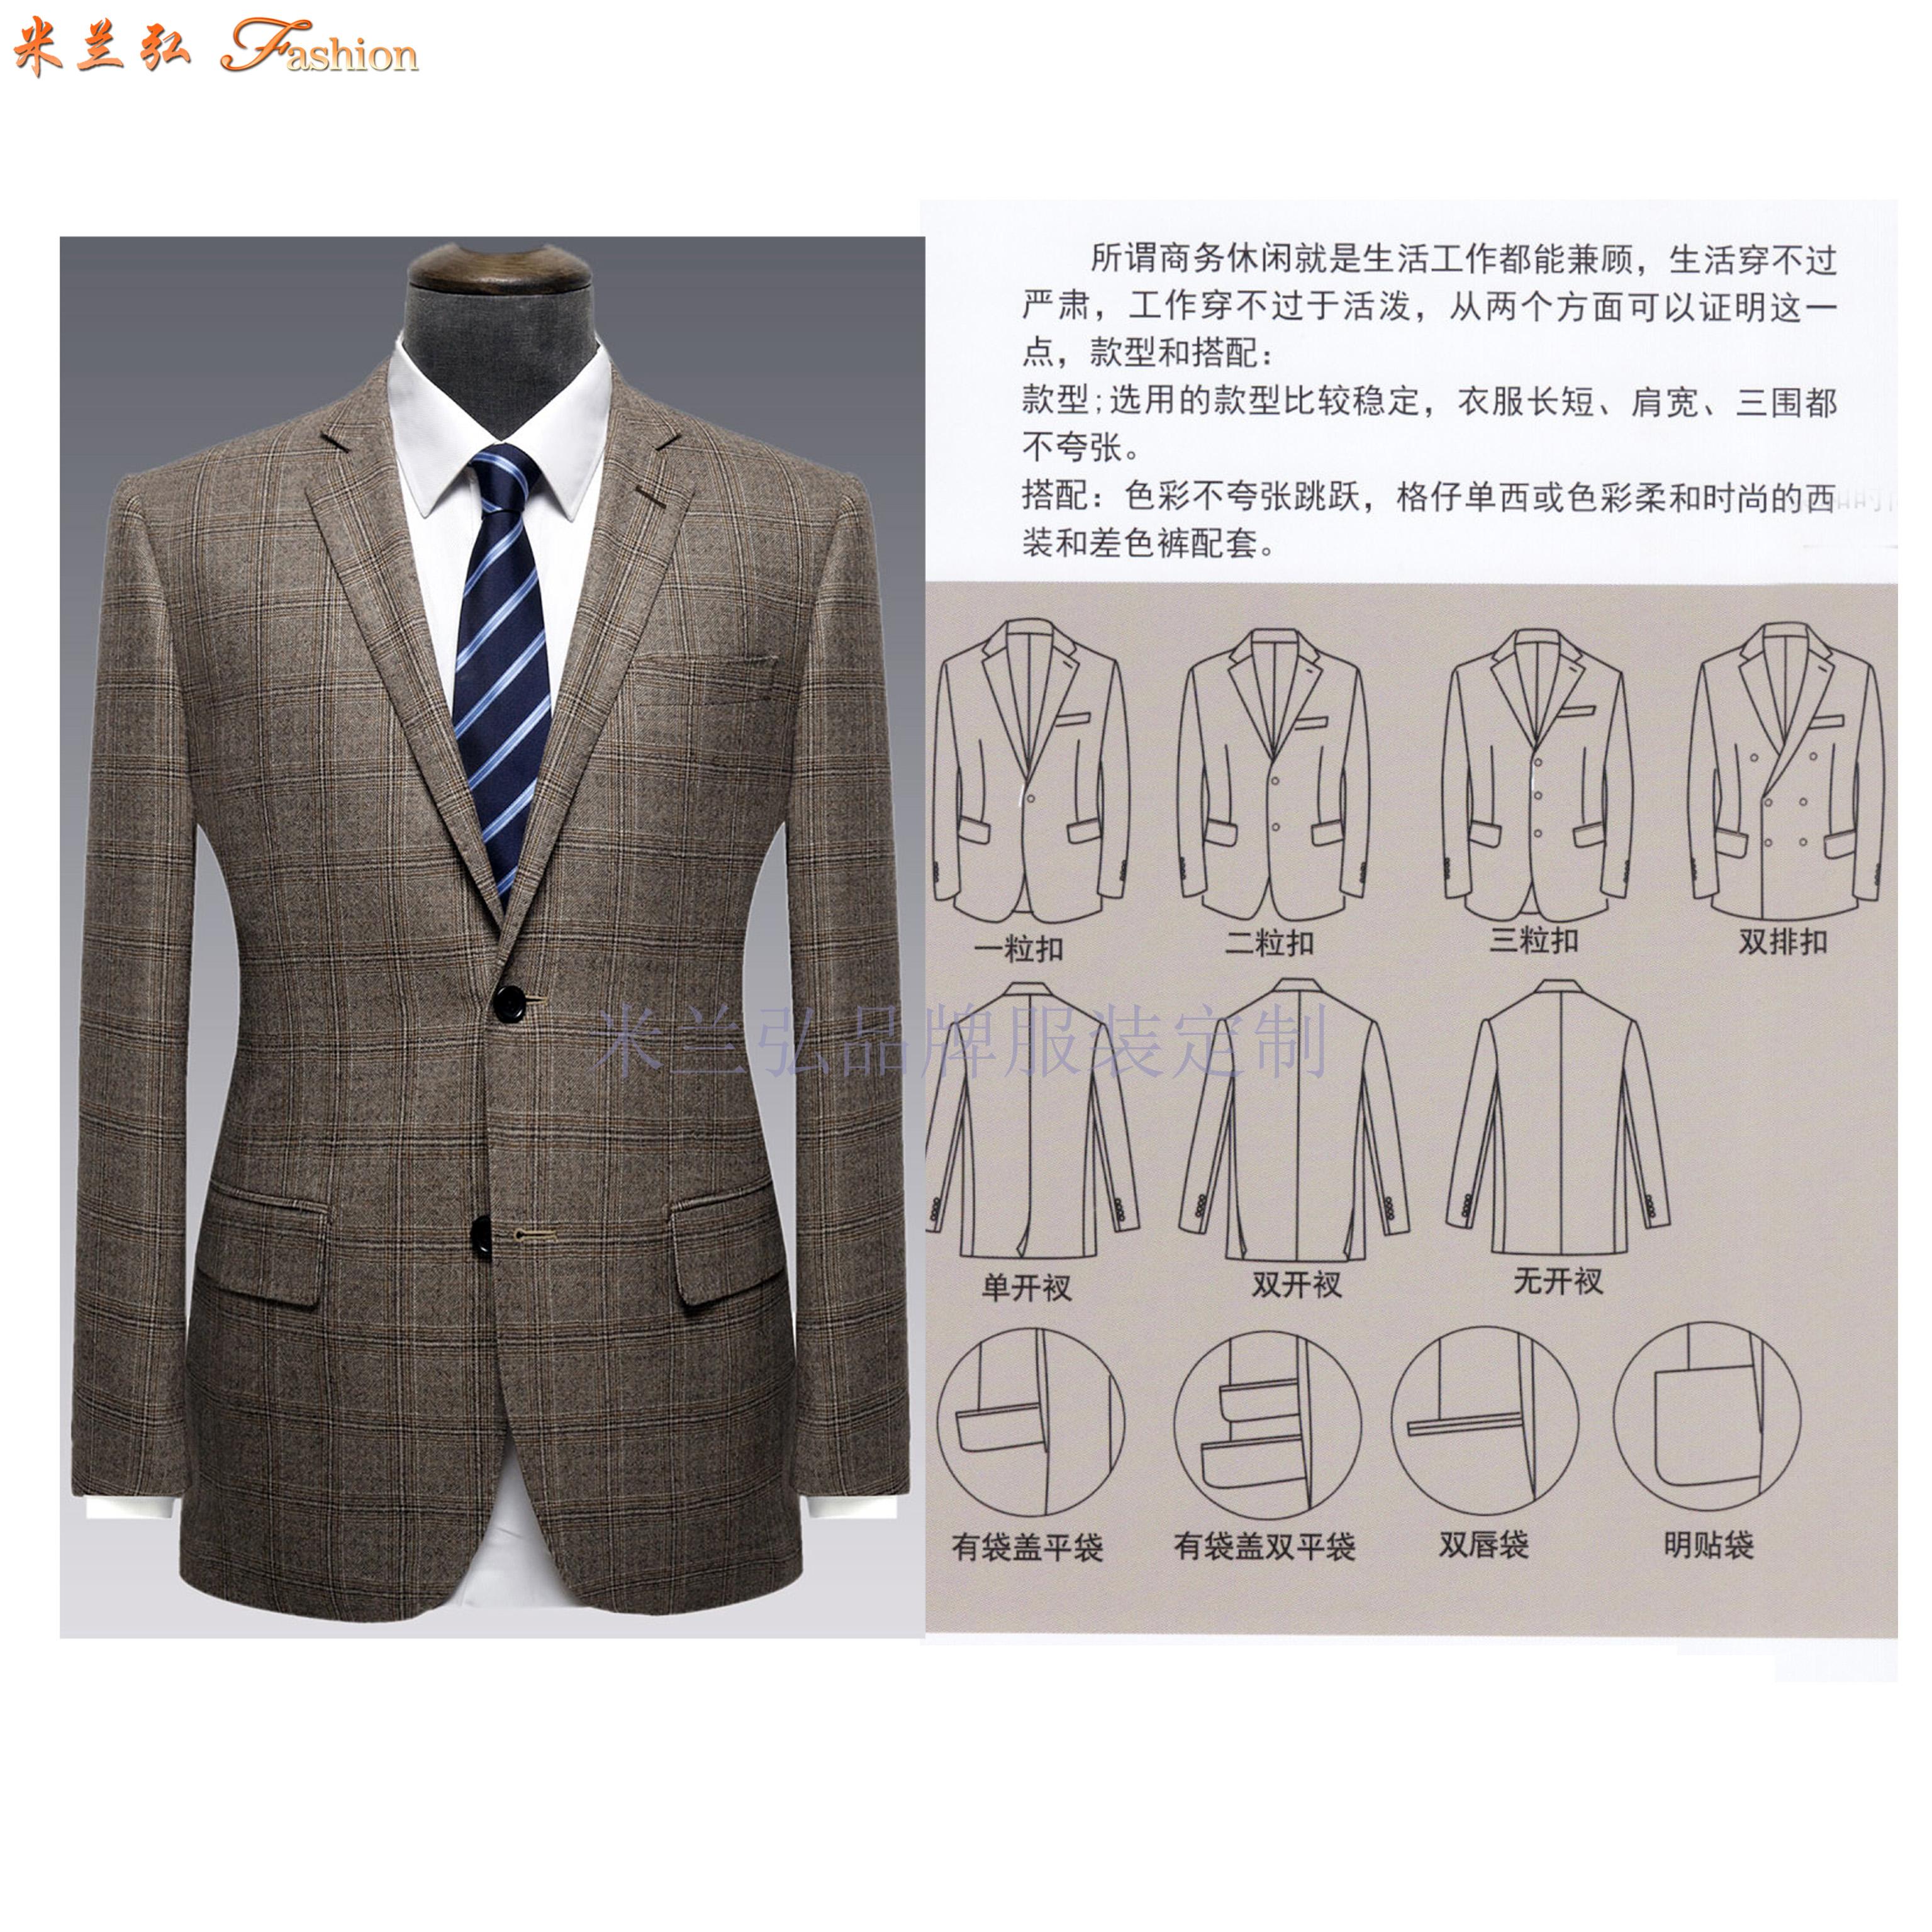 「銀川正裝定制」「賀蘭縣西裝訂制」推薦性價比高的米蘭弘服裝-2